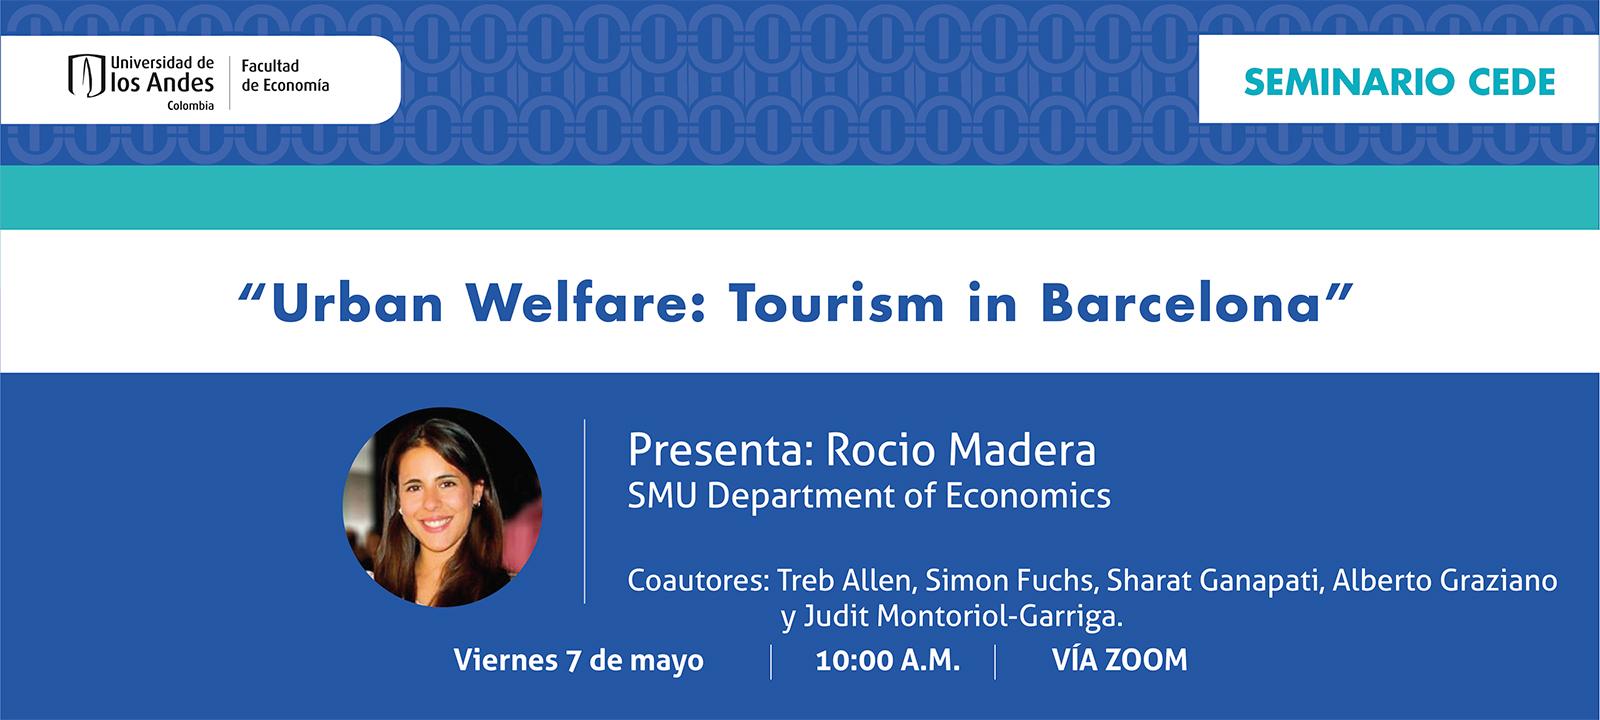 SeminarioCEDE-2021-05-07-Rocio-Madera.jpg